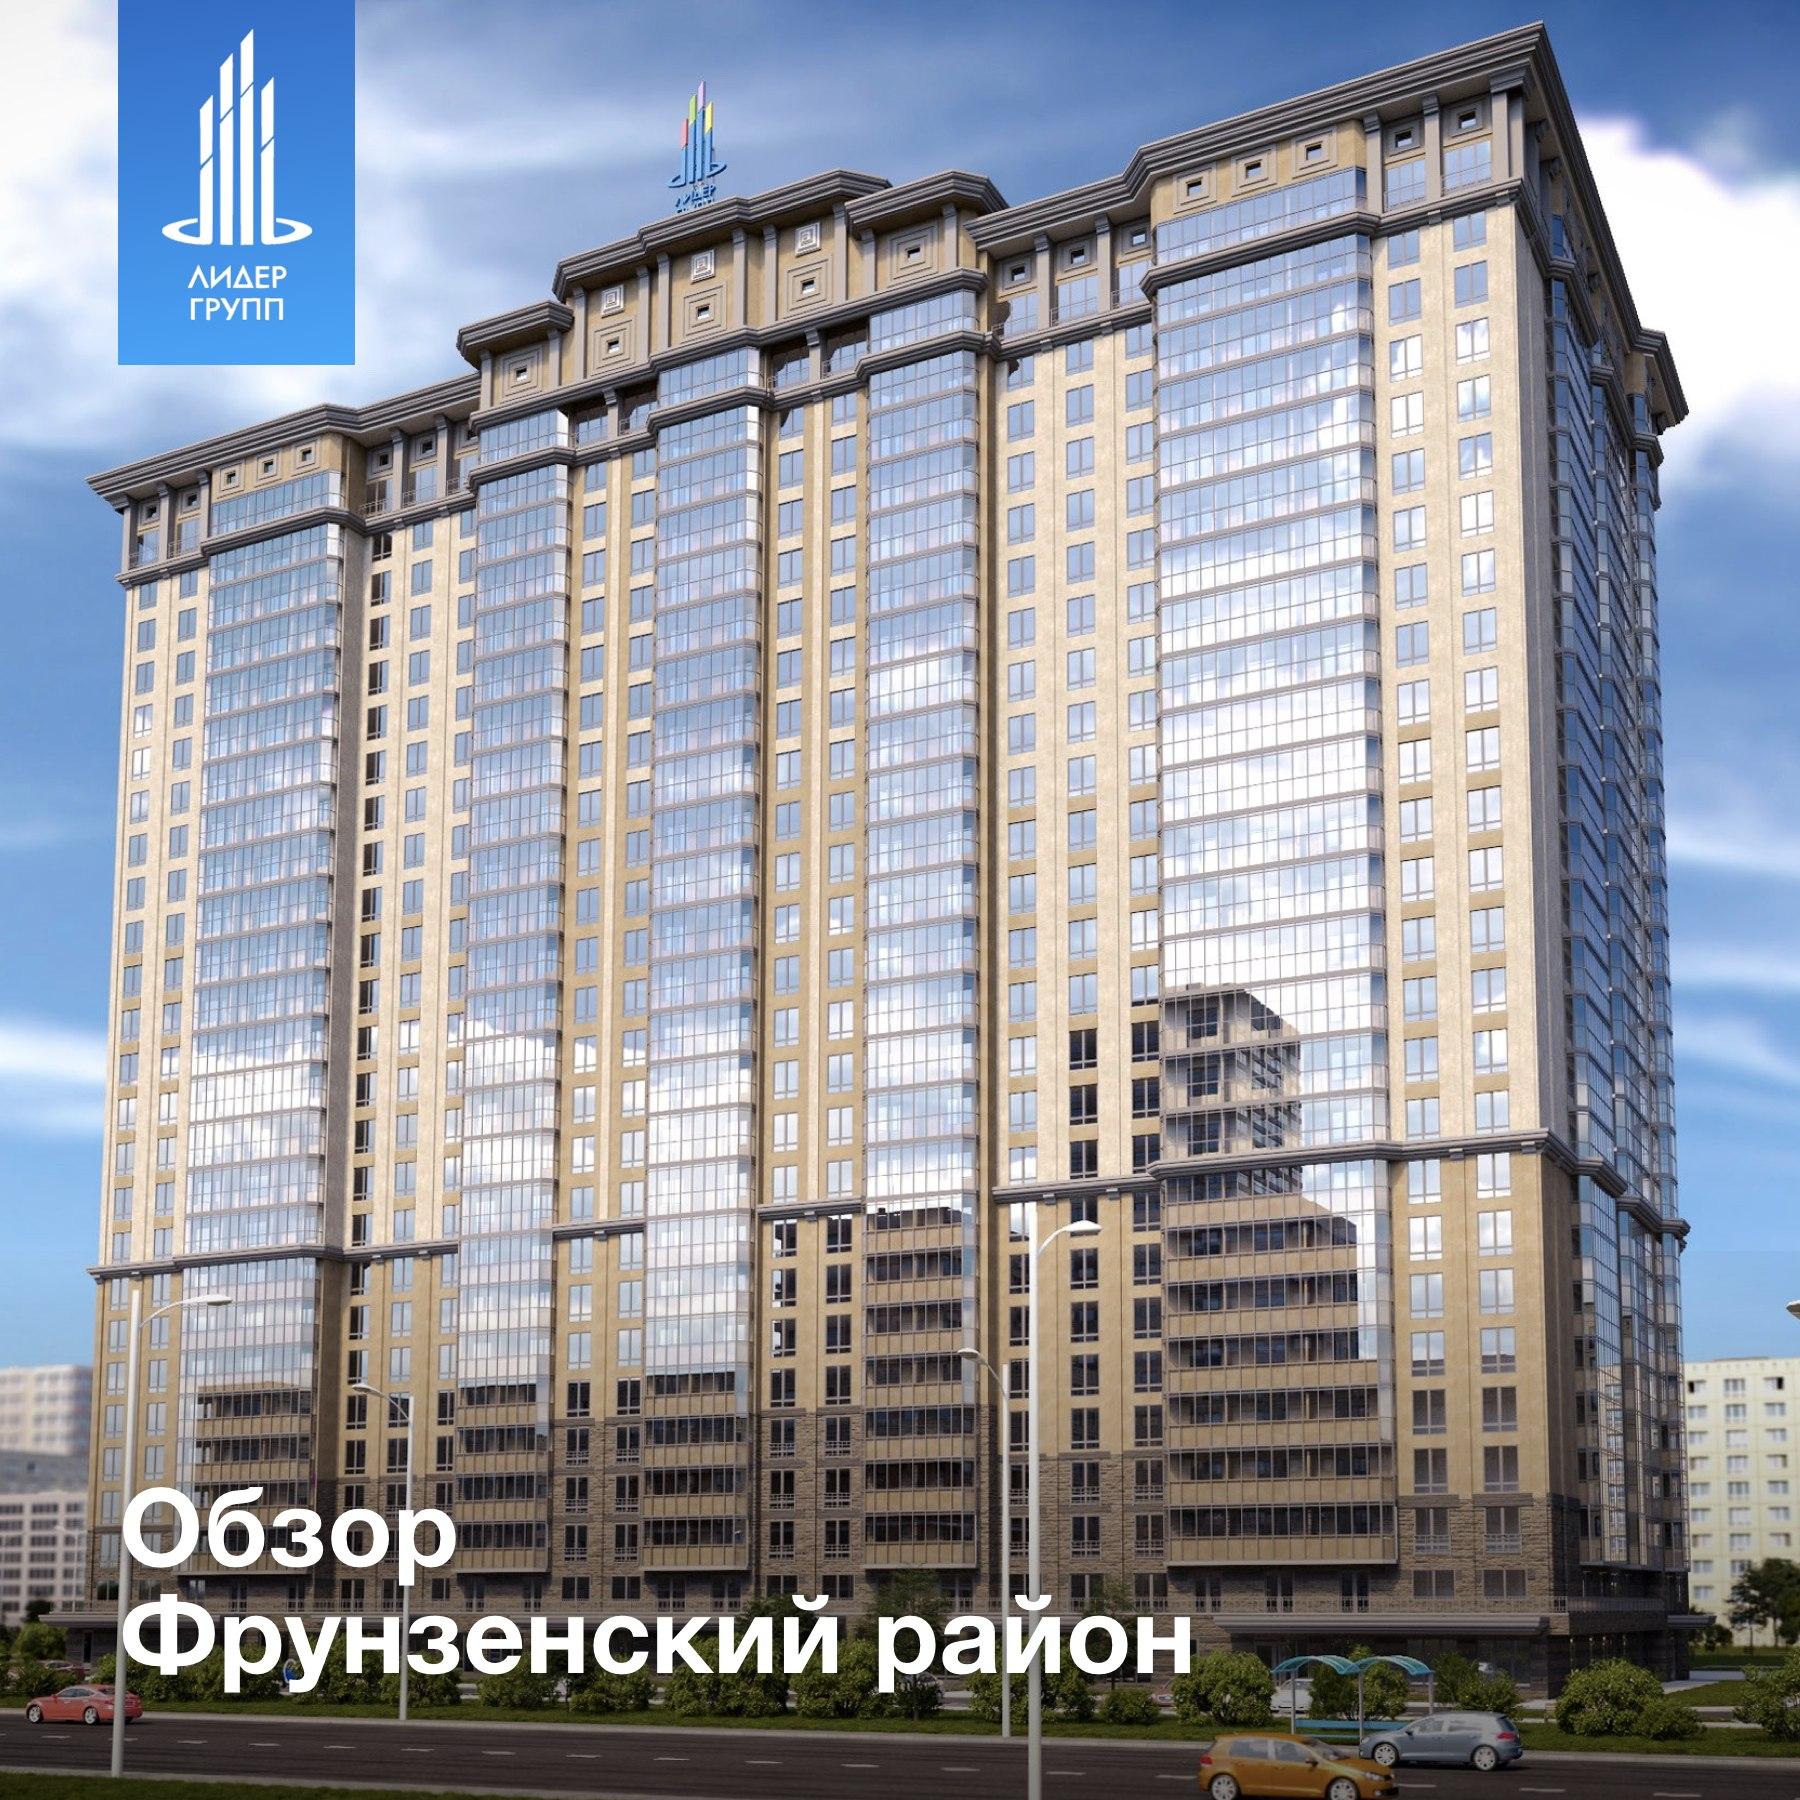 Строительная компания лидер групп якорь Ижевская строительная компания дома из б